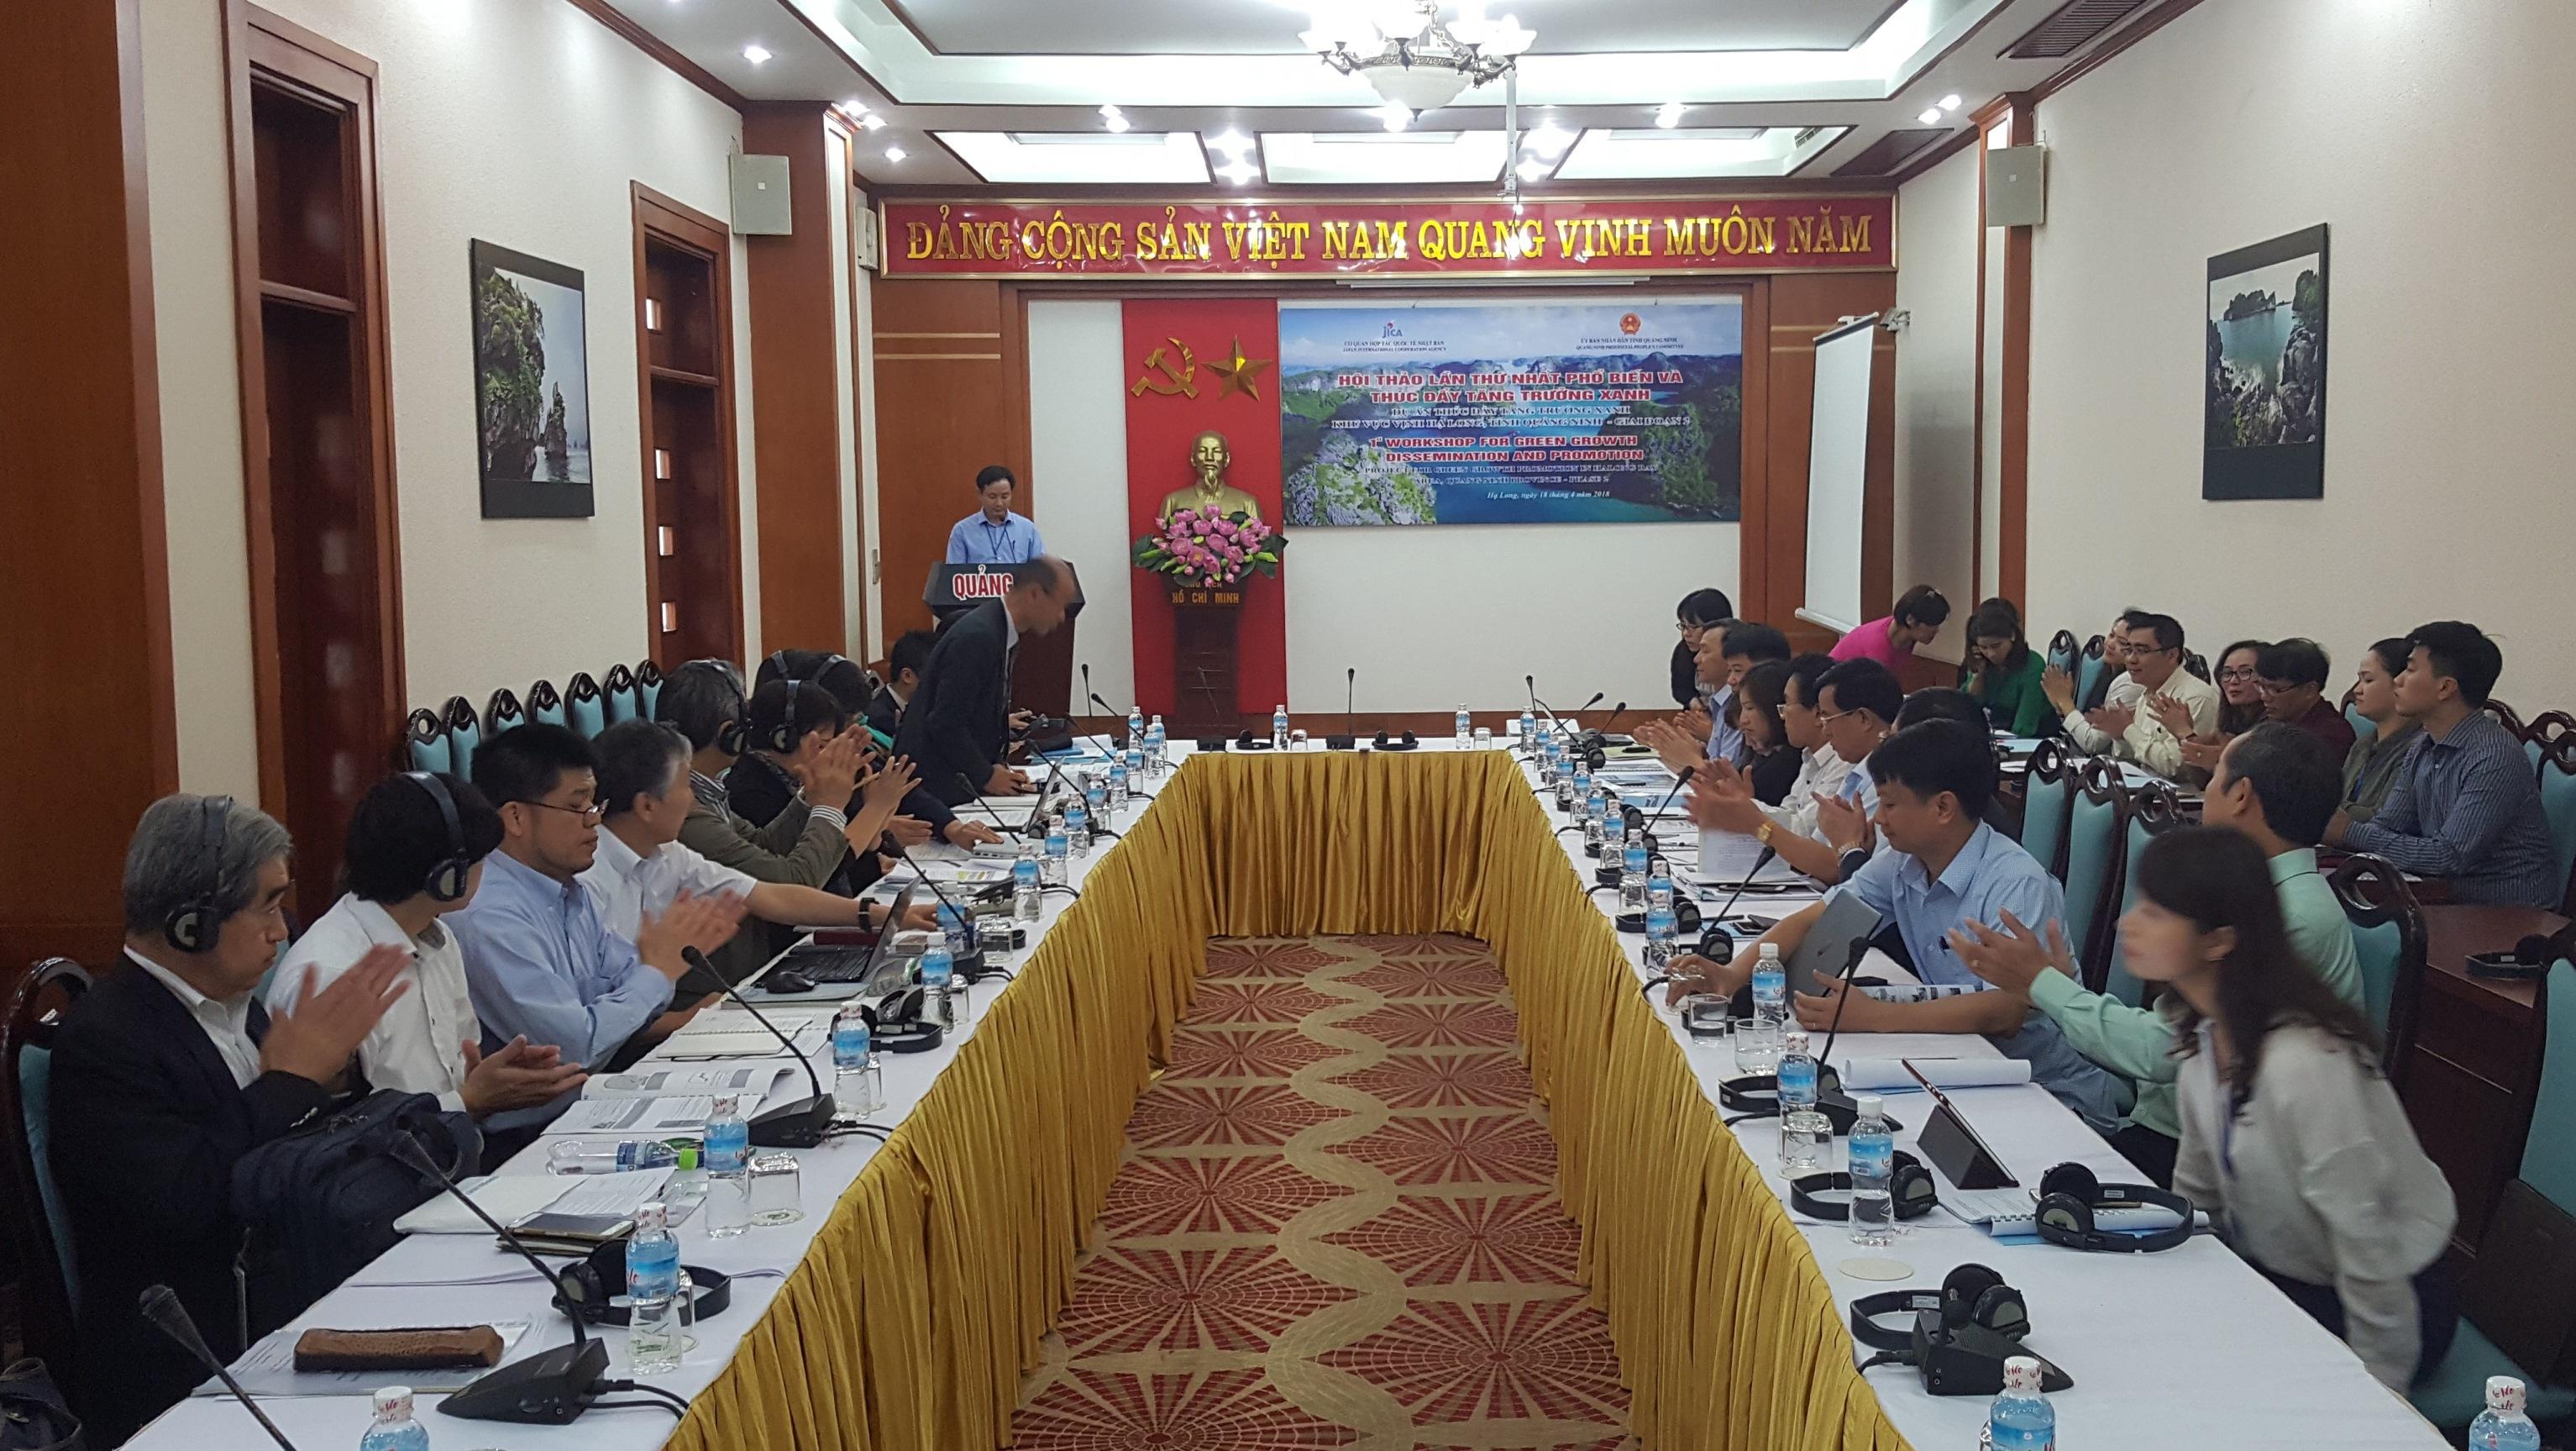 Hợp tác quốc tế nhằm thúc đẩy tăng trưởng xanh ở Quảng Ninh